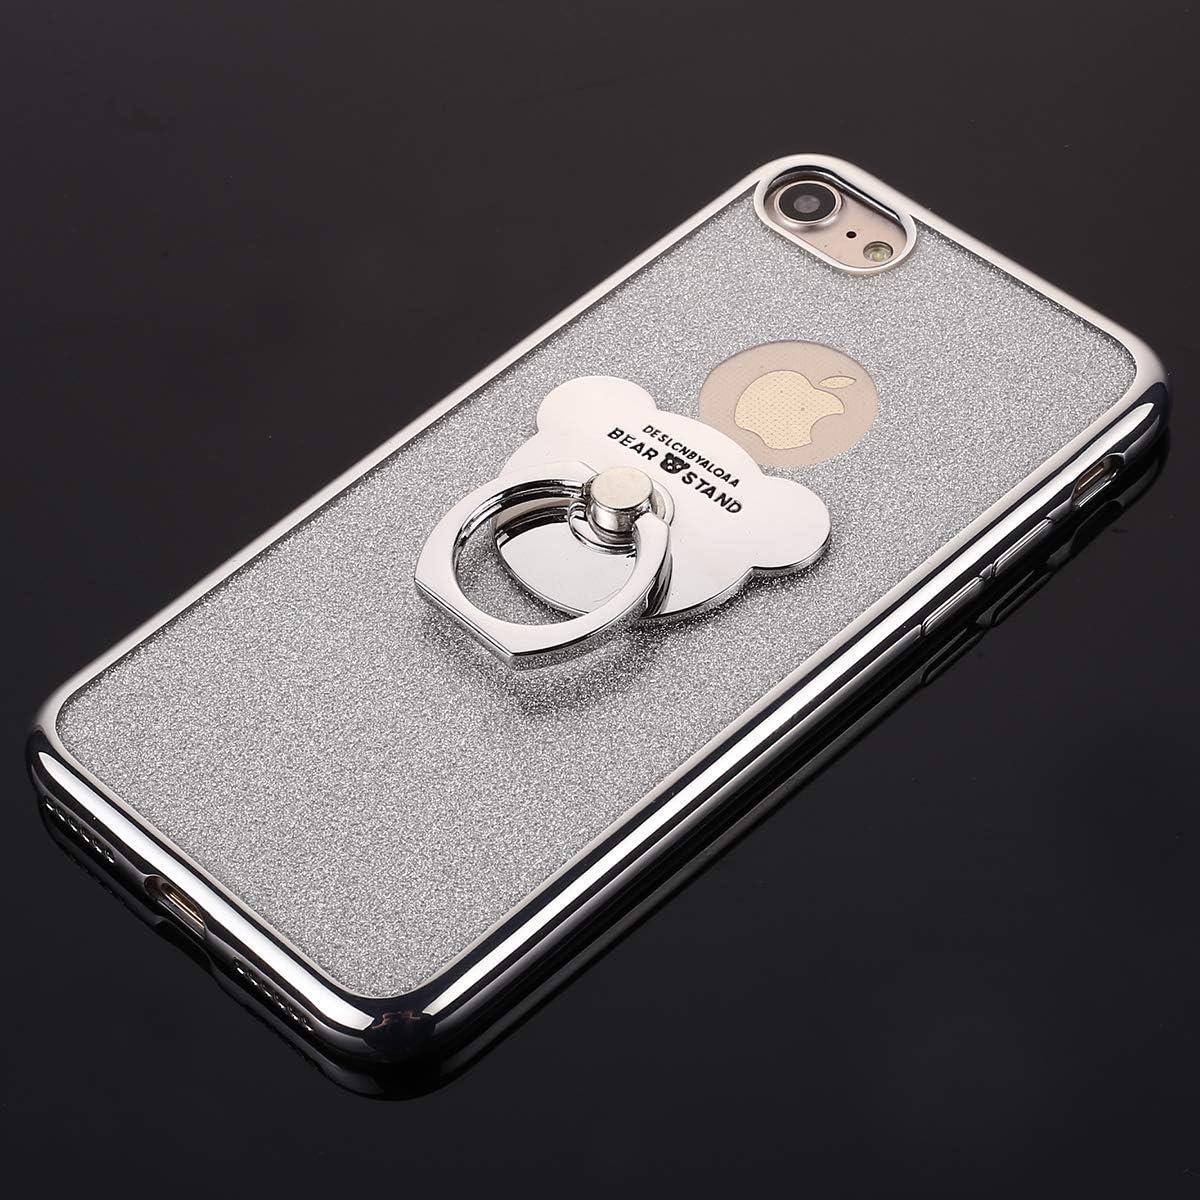 MoreChioce Compatible avec Coque iPhone 8 iPhone 7 /Étui Silicone Fantaisie Glitter Strass Bling Paillettes Noir Coque de Protection Souple Gel Housse avec Anneau Compatible avec iPhone 7//8